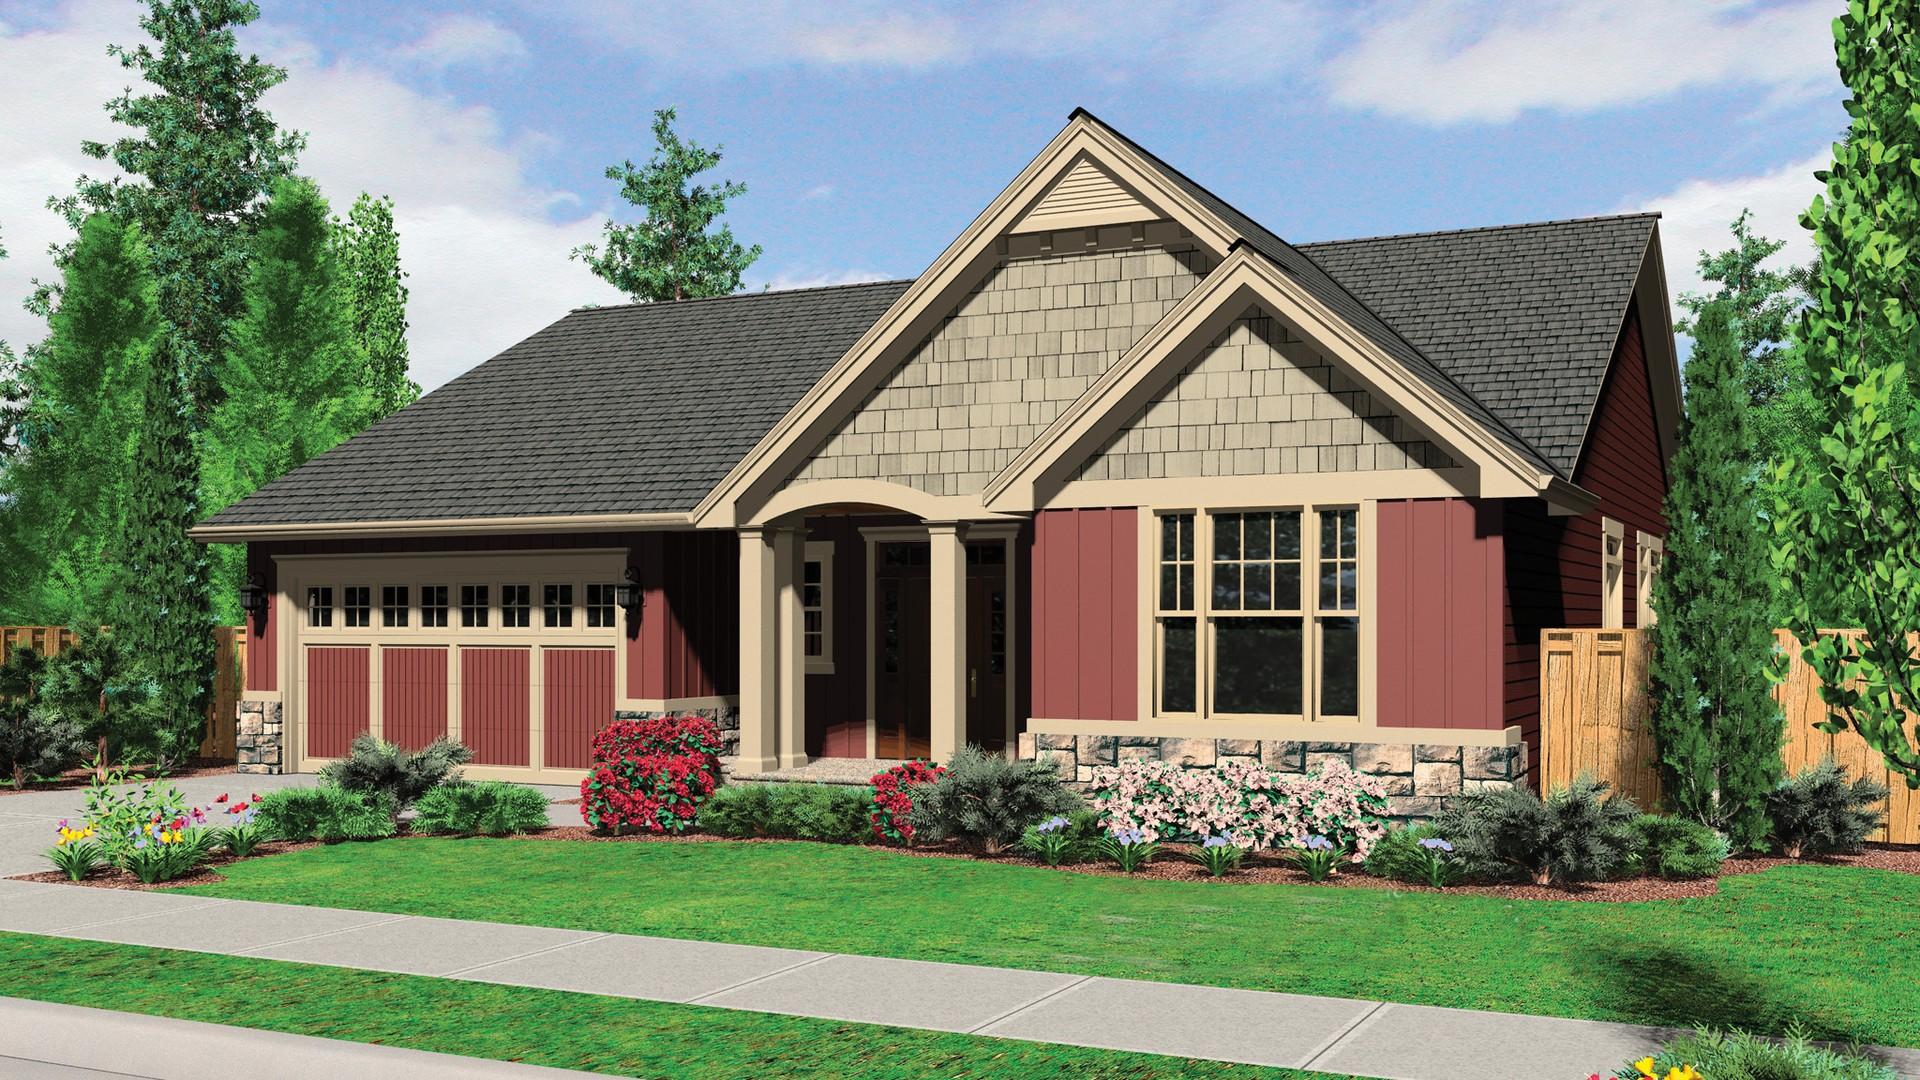 Cottage house plan 1152a the morton 1800 sqft 3 beds 2 for 1800 s farmhouse plans